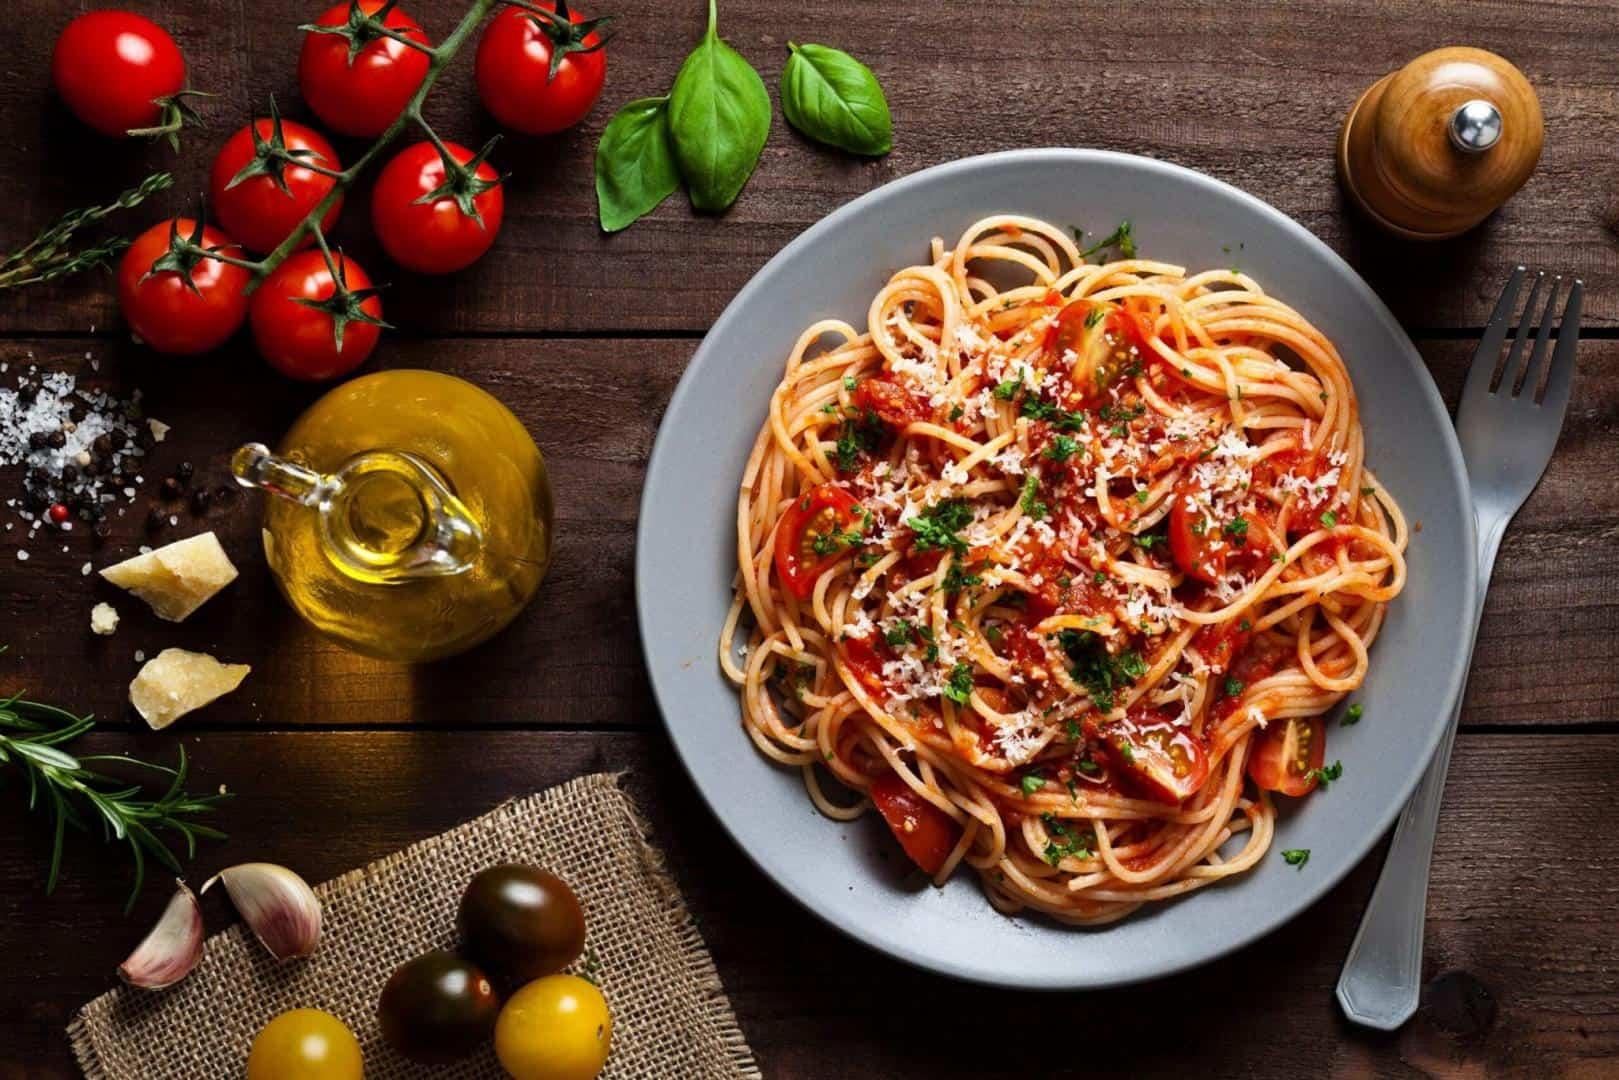 Mì spagetti sốt bò bằm với sợi mì được làm từ máy làm bún mì Philip đơn giản, tiện lợi. Đây sẽ là một bữa sáng nhanh gọn cho các gia đình bận rộn